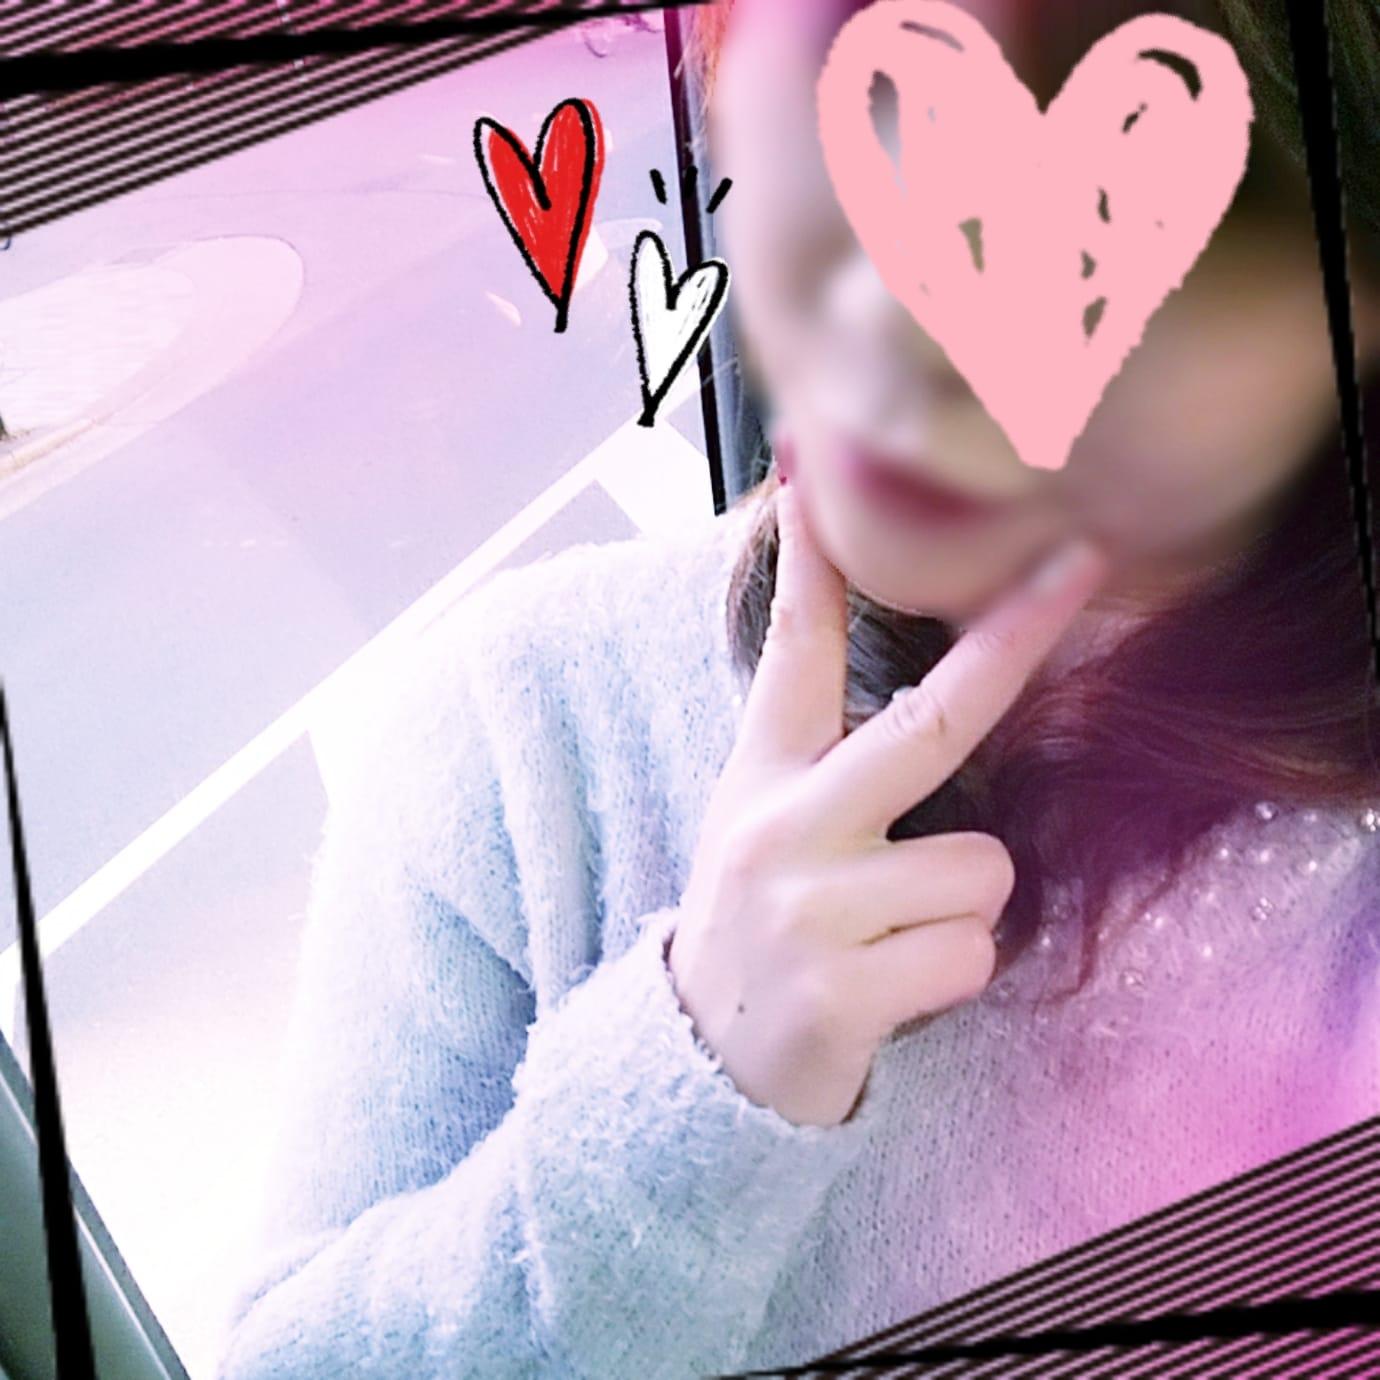 ことね「バス♪(/ω\*)」12/13(水) 08:56 | ことねの写メ・風俗動画